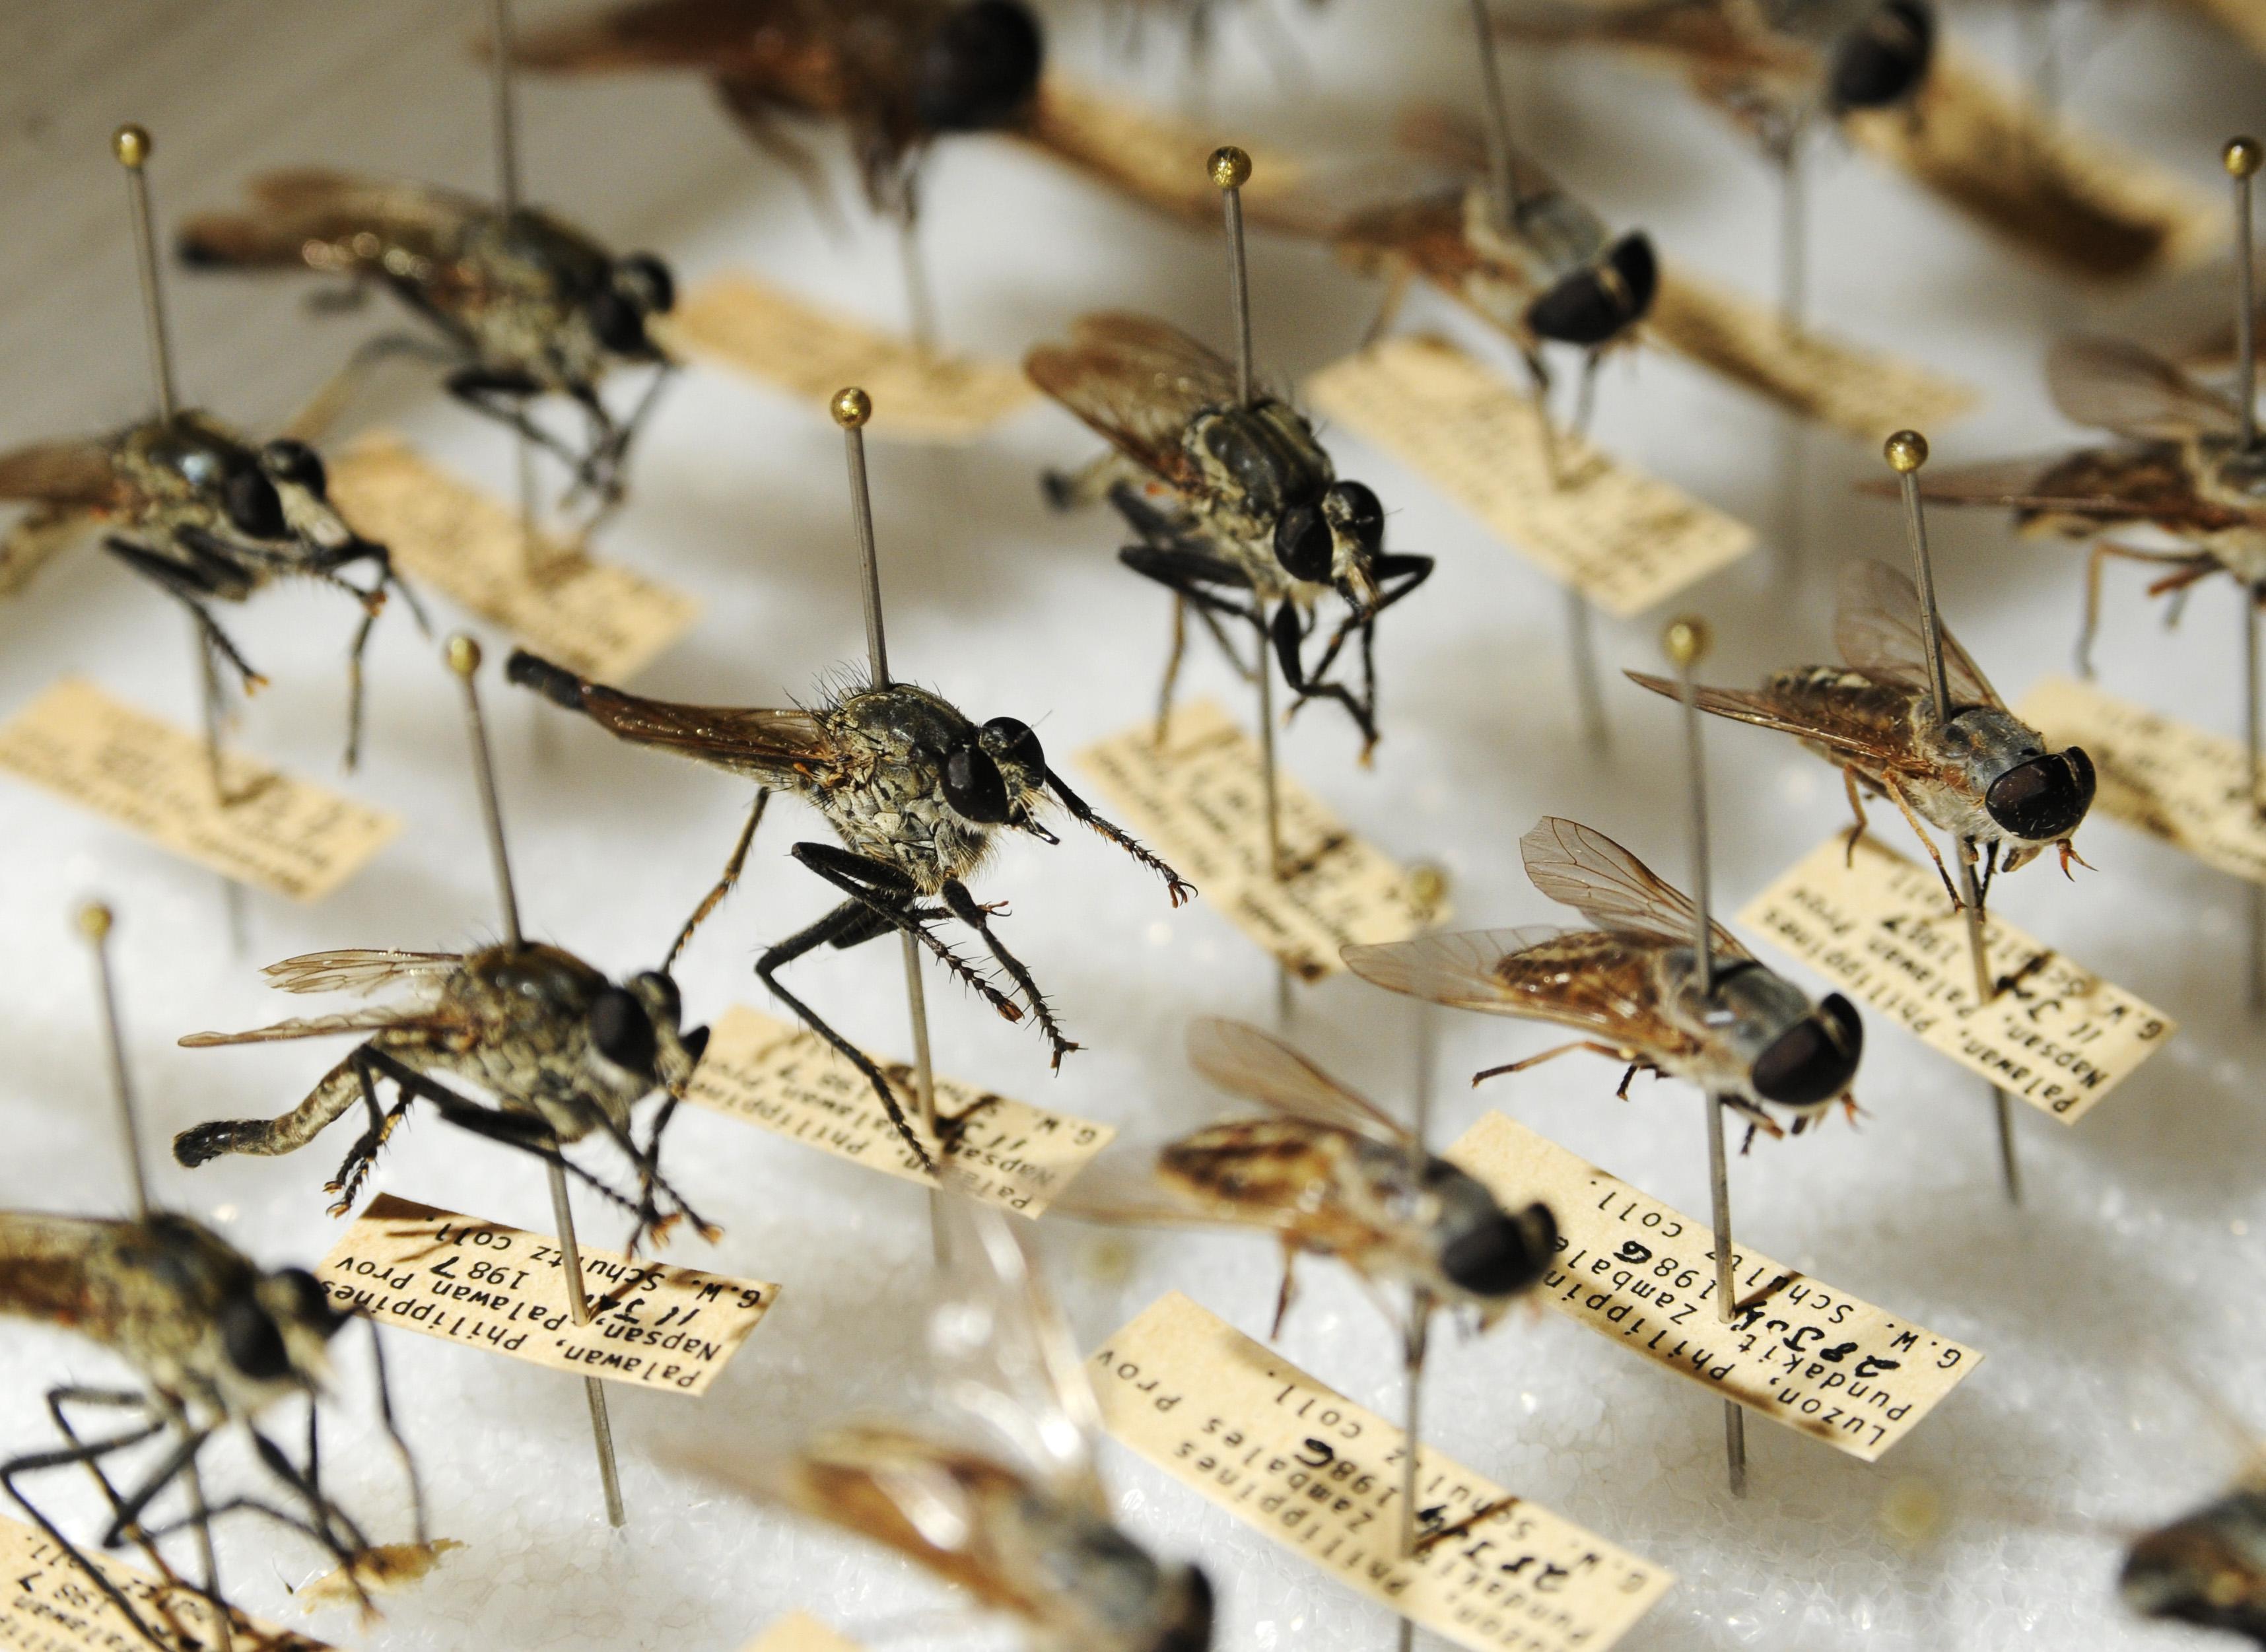 Forensics entomology and bugs